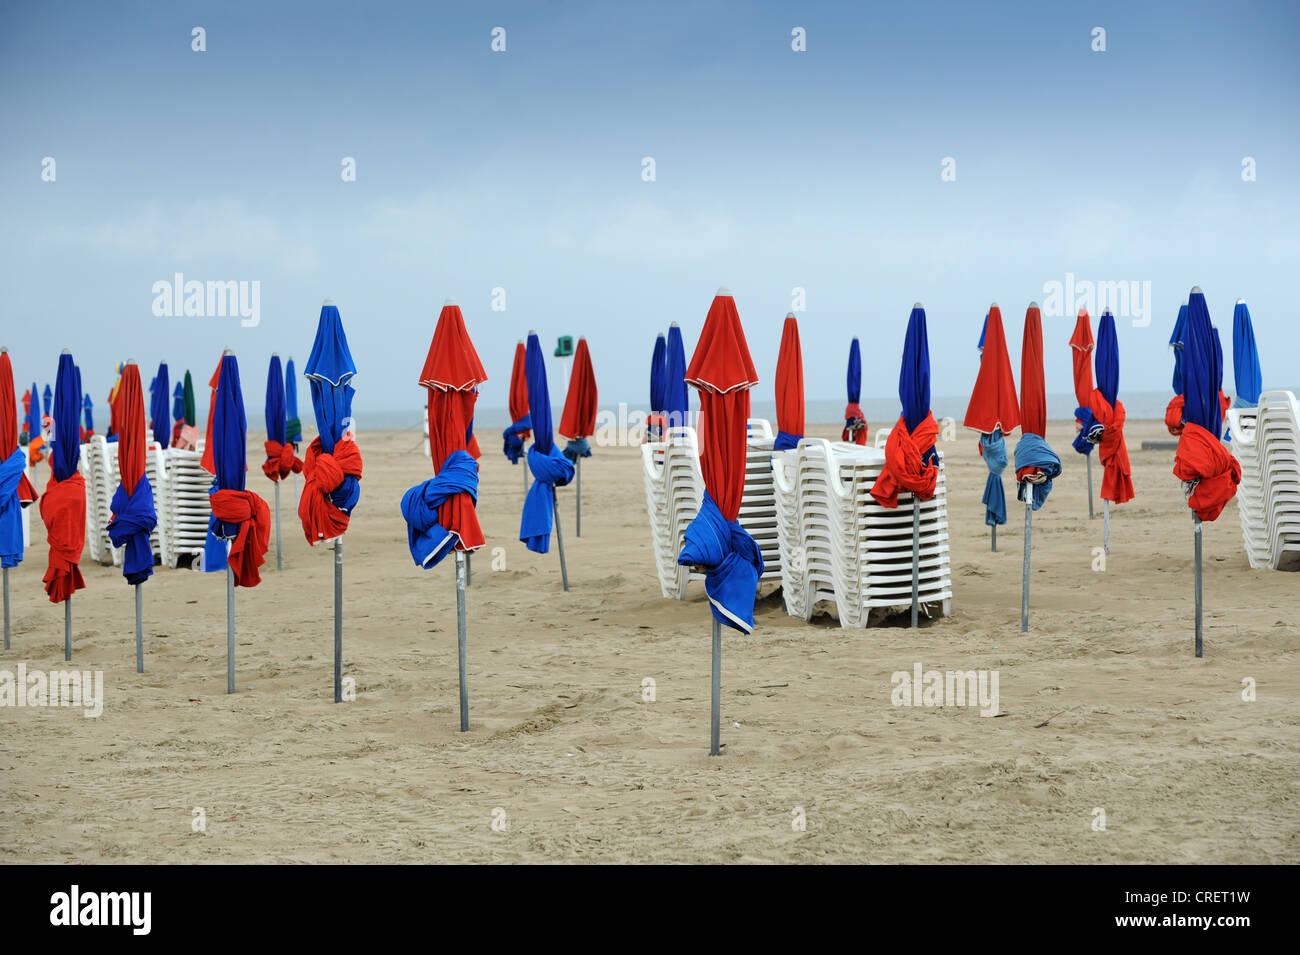 Aufgerollt Sonnenschirme am leeren Strand von Deauville Normandie Frankreich Stockbild